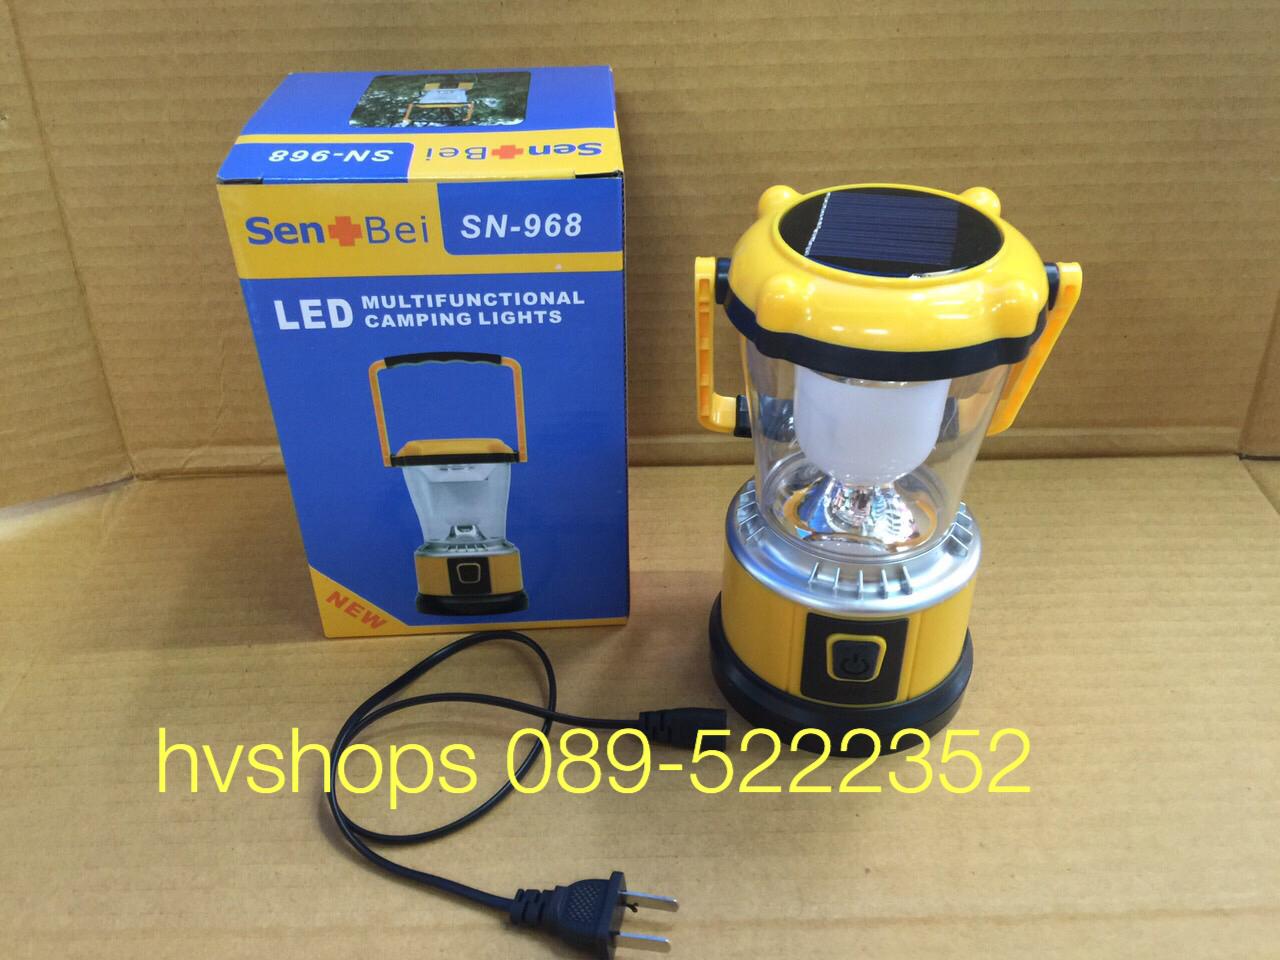 ตะเกียง LED Senbei SN-968